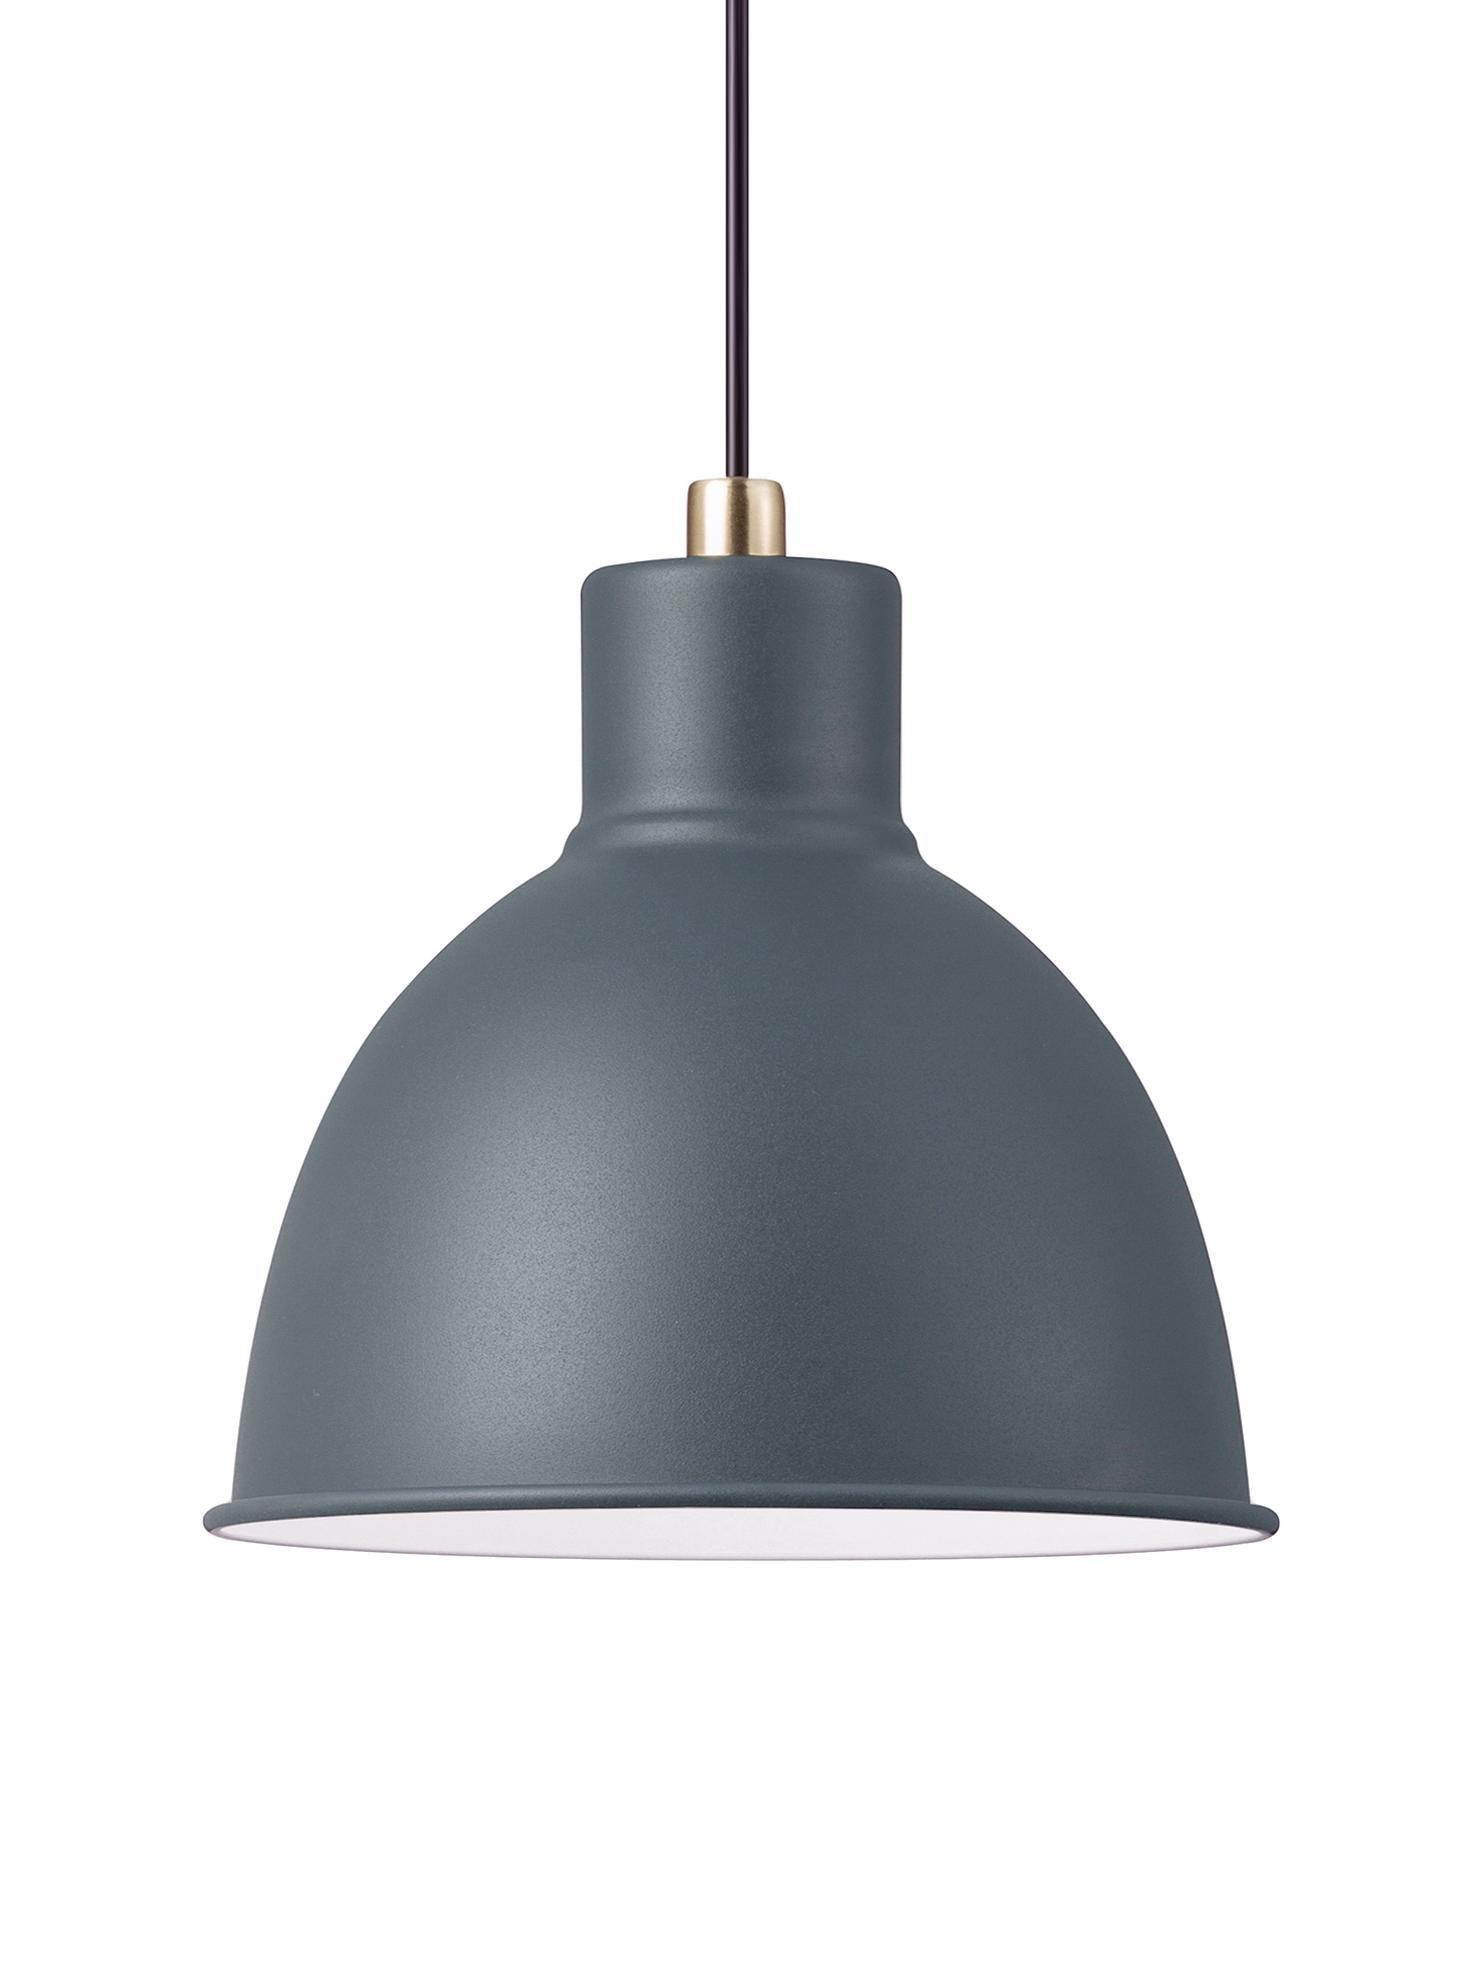 Mała lampa wisząca Pop, Antracytowy, Ø 21 x W 24 cm